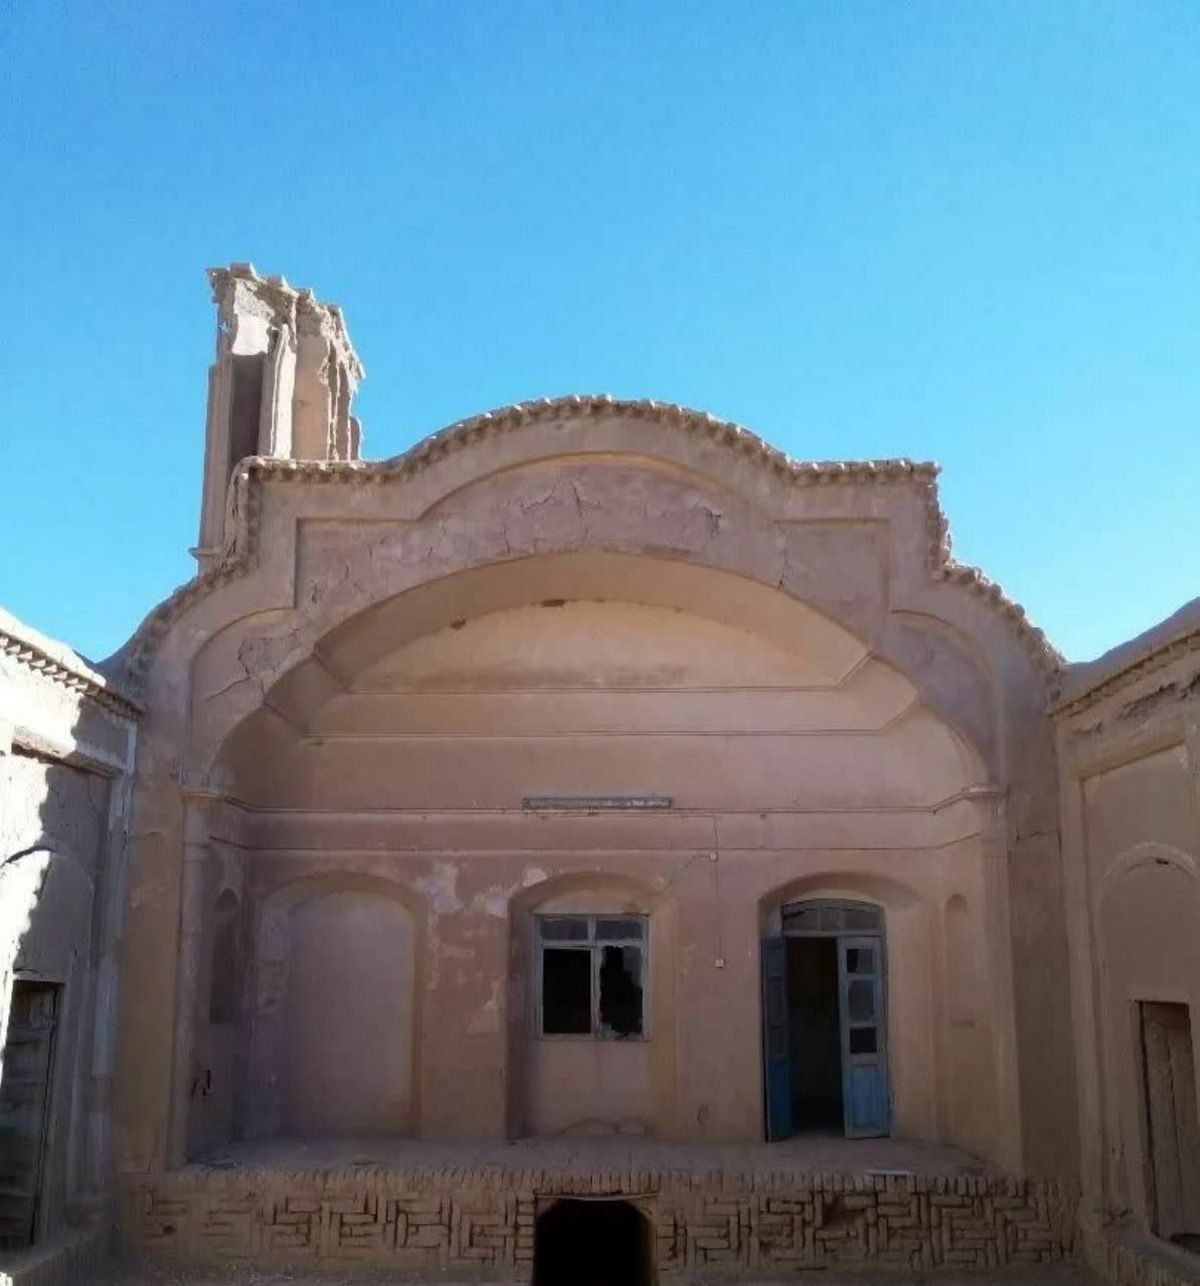 ثبت خانه تاریخی احمدنژاد جزین بجستان در فهرست آثار ملی ایران